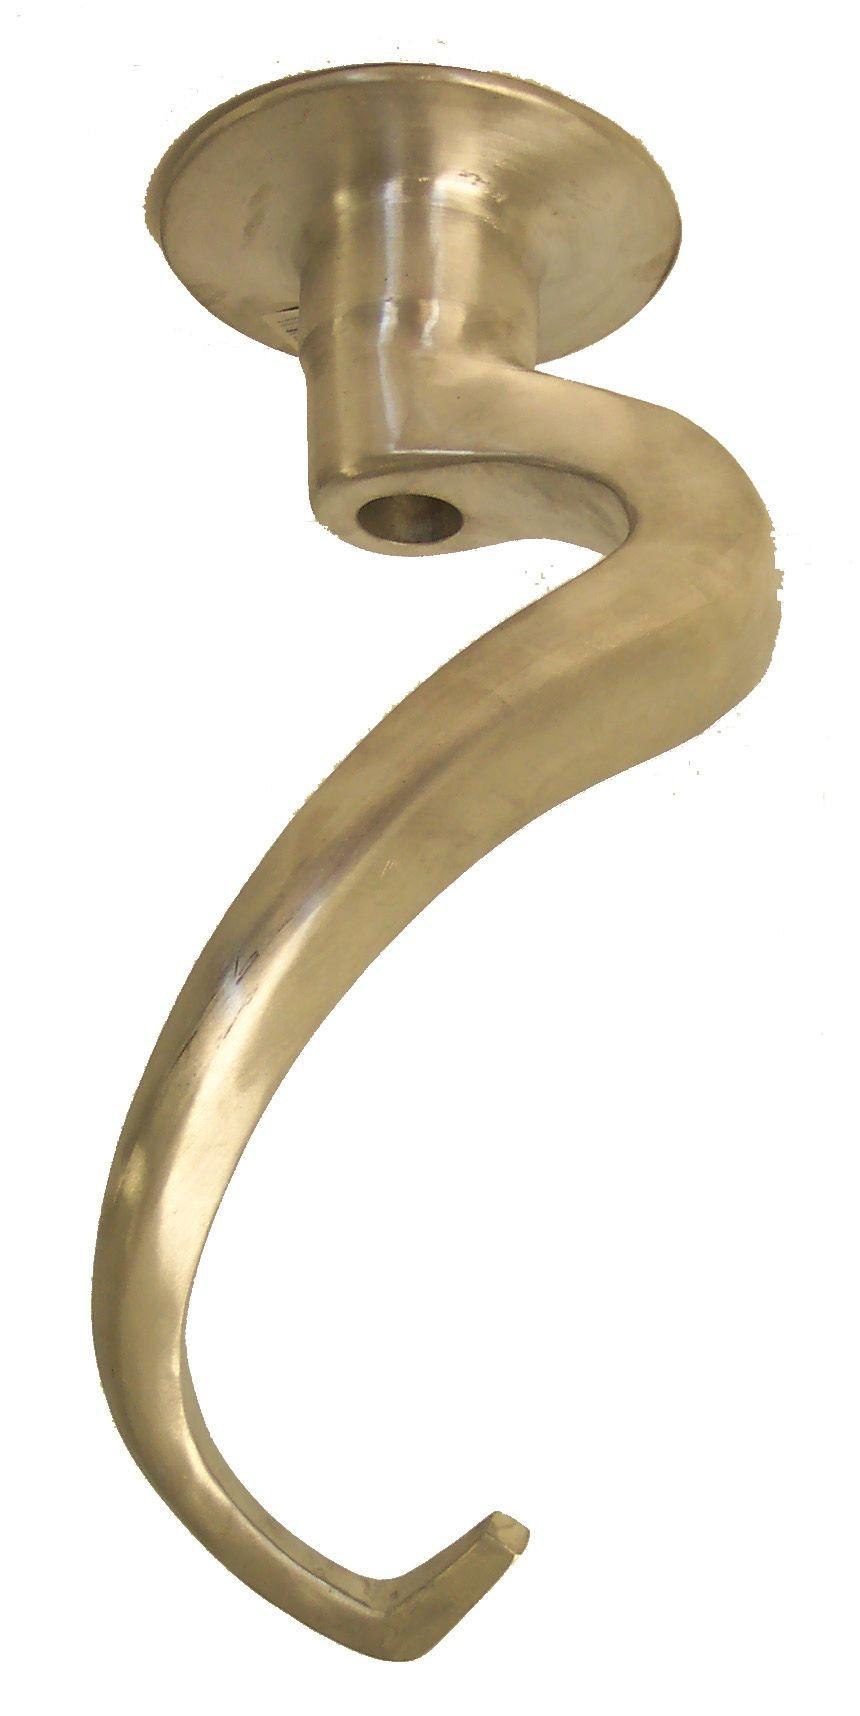 Johnson-Rose 6183 Spiral Dough Hook fits 80 Qt. Hobart Mixer